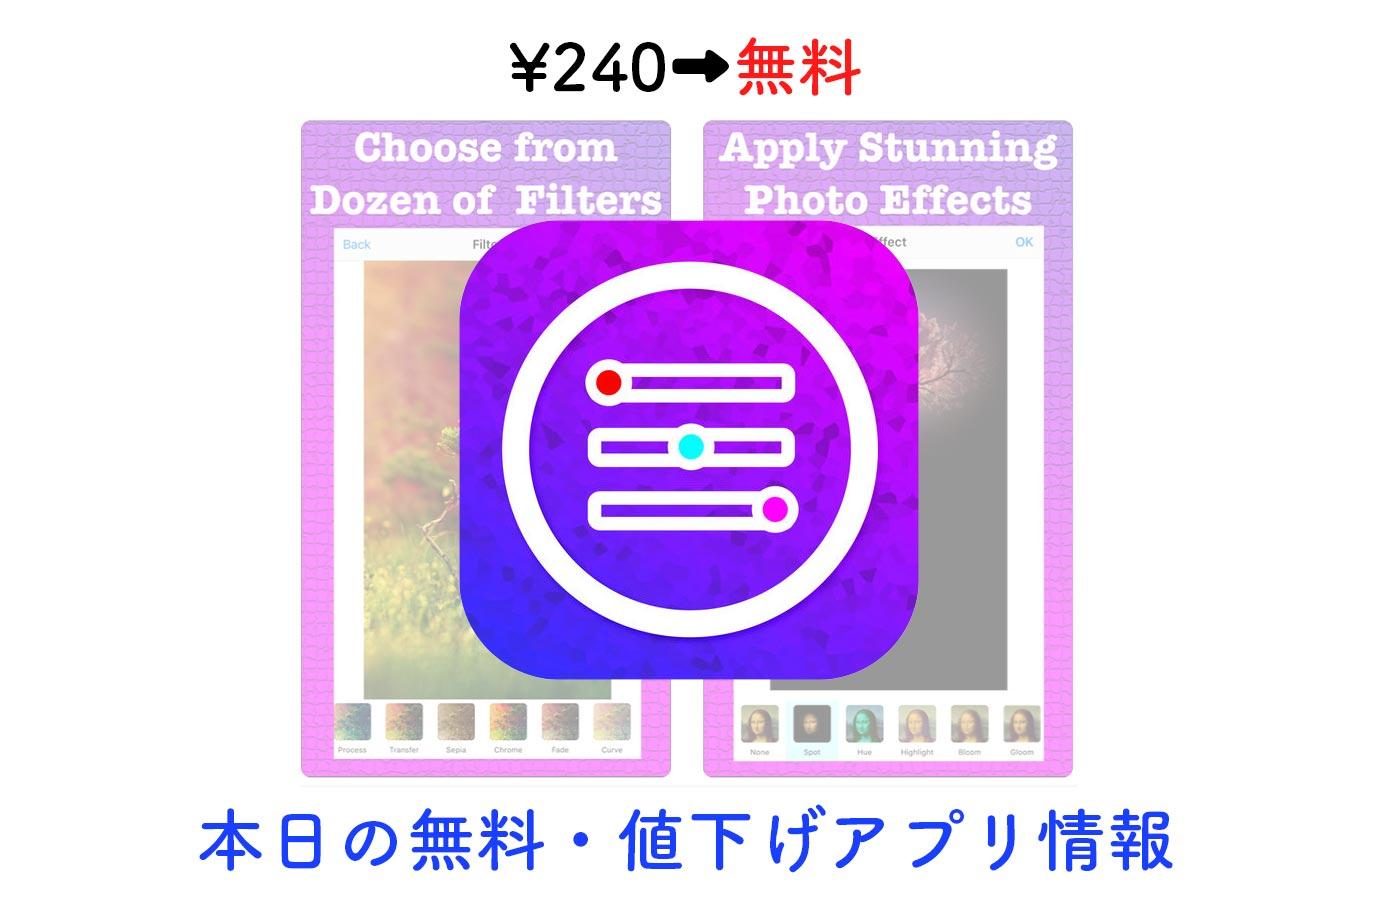 ¥240→無料、豊富な機能が特徴の写真加工アプリ「Picture Perfect」など【1/24】本日の無料・値下げアプリ情報